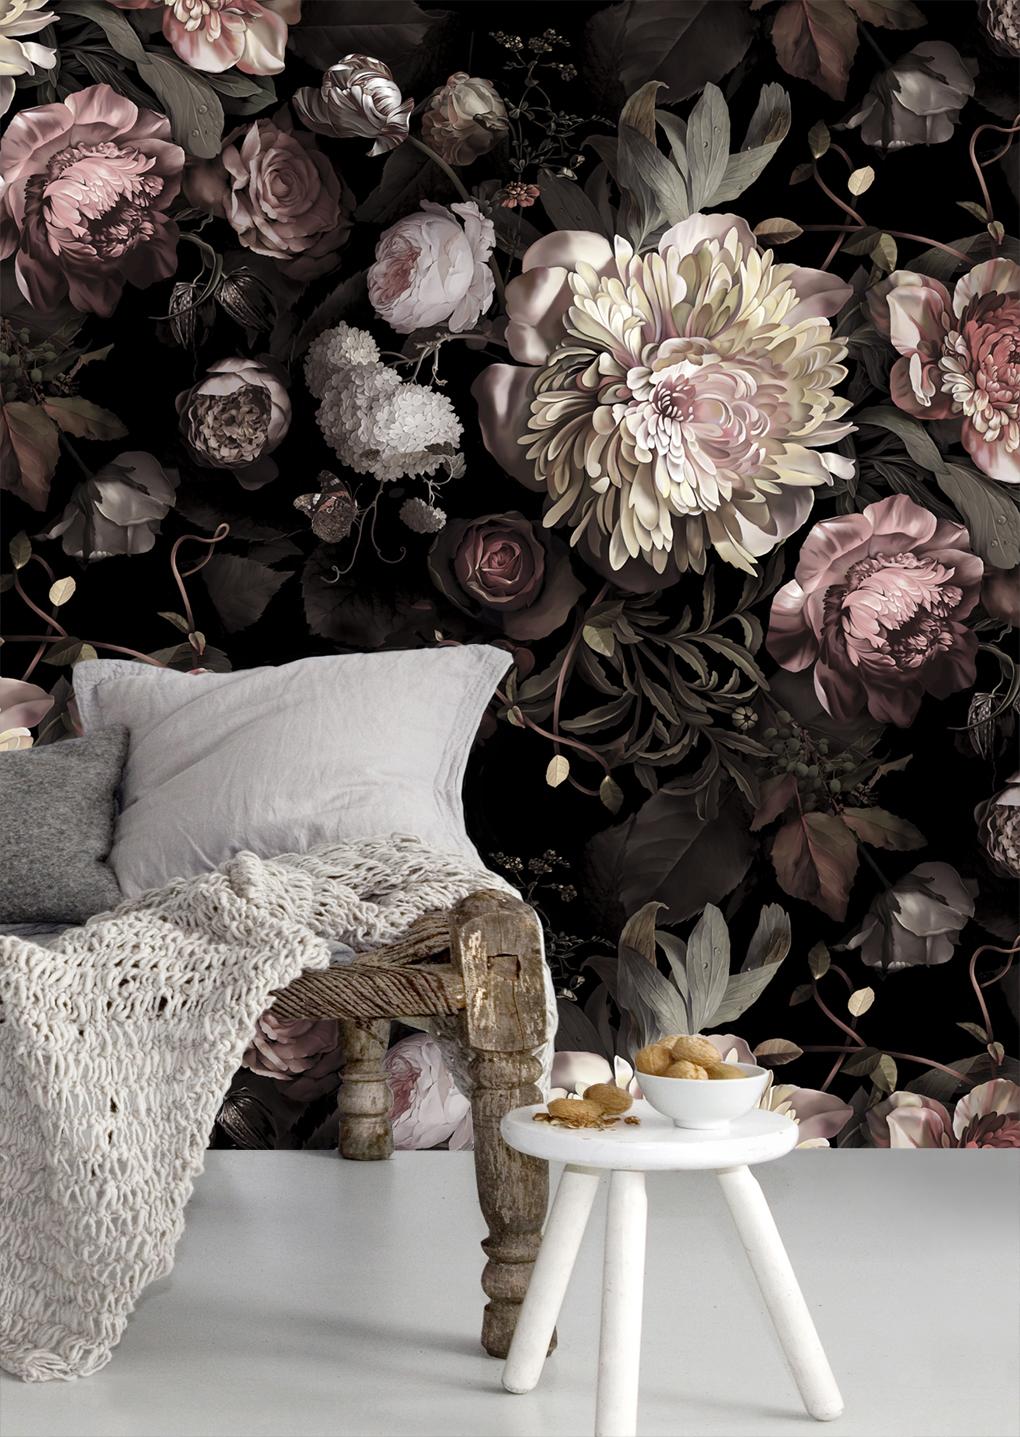 Belles fleurs claires sur fond sombre